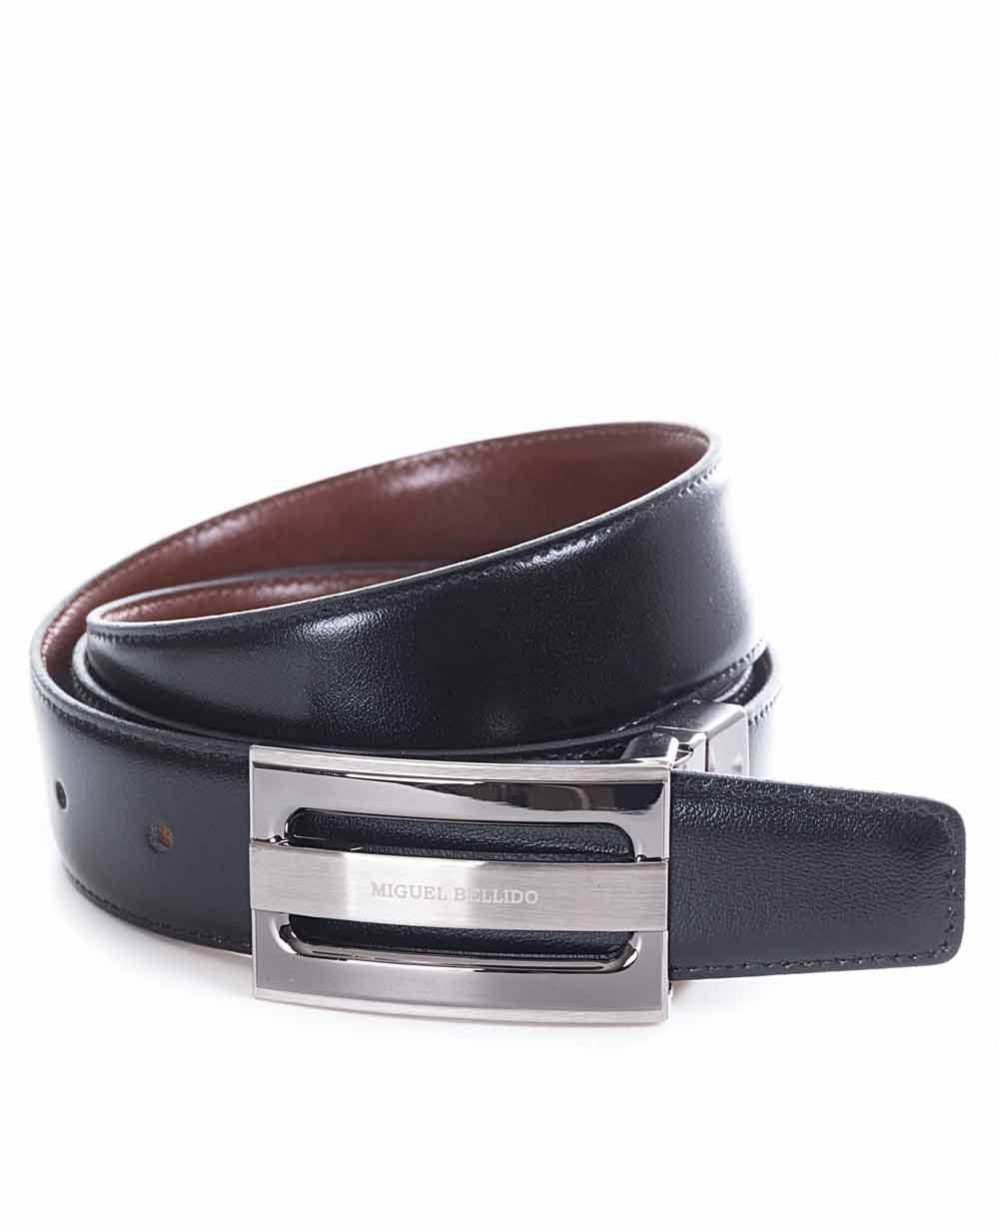 Miguel Bellido Cinturón clásico reversible Piel Negro/Marrón 120 (Foto )